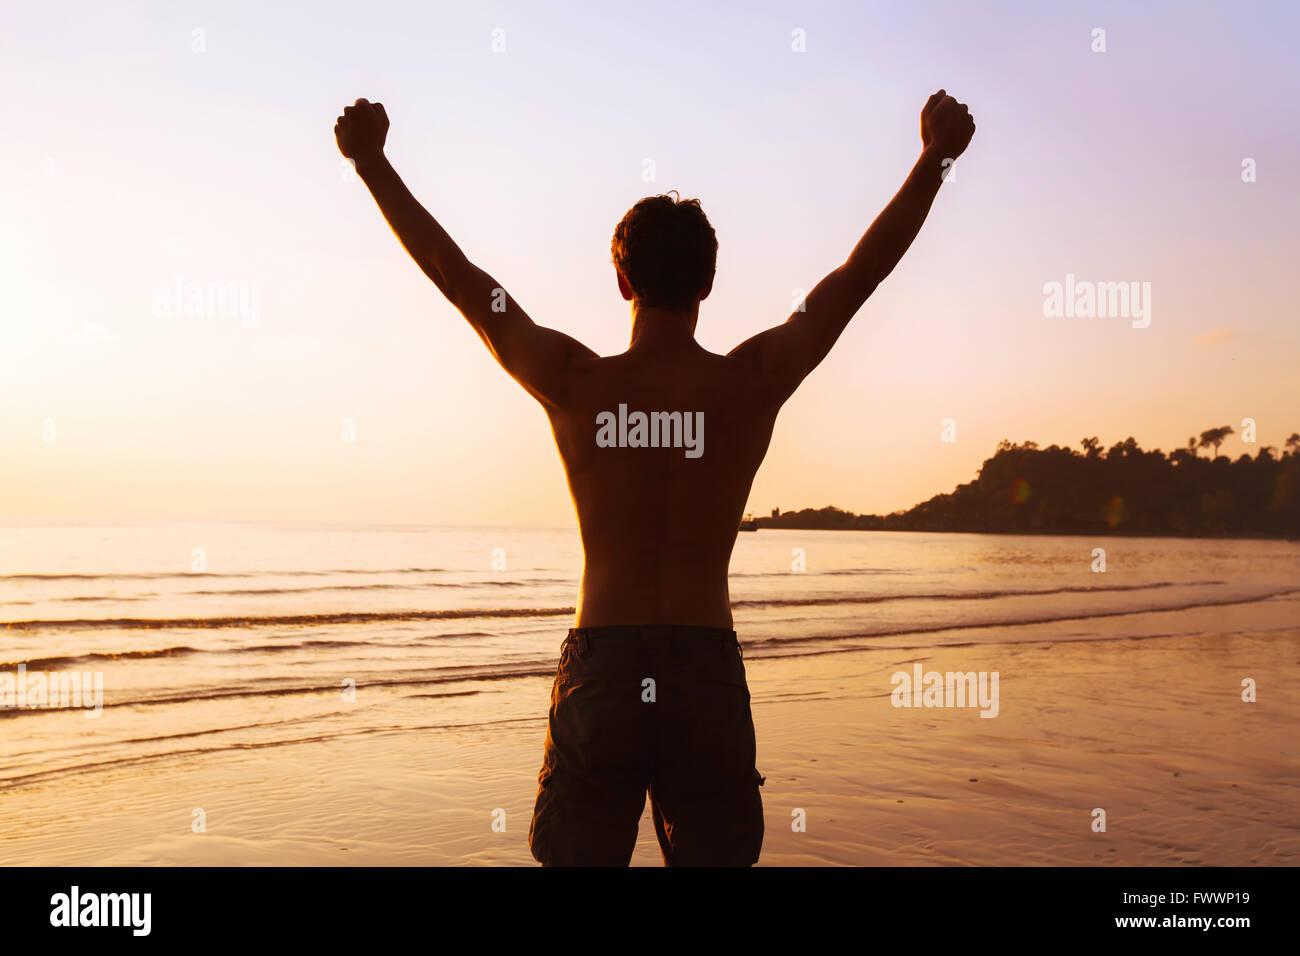 Contexte Le sport, silhouette de l'homme sportif solide sur la plage, gagnant ou concept de réalisation Photo Stock